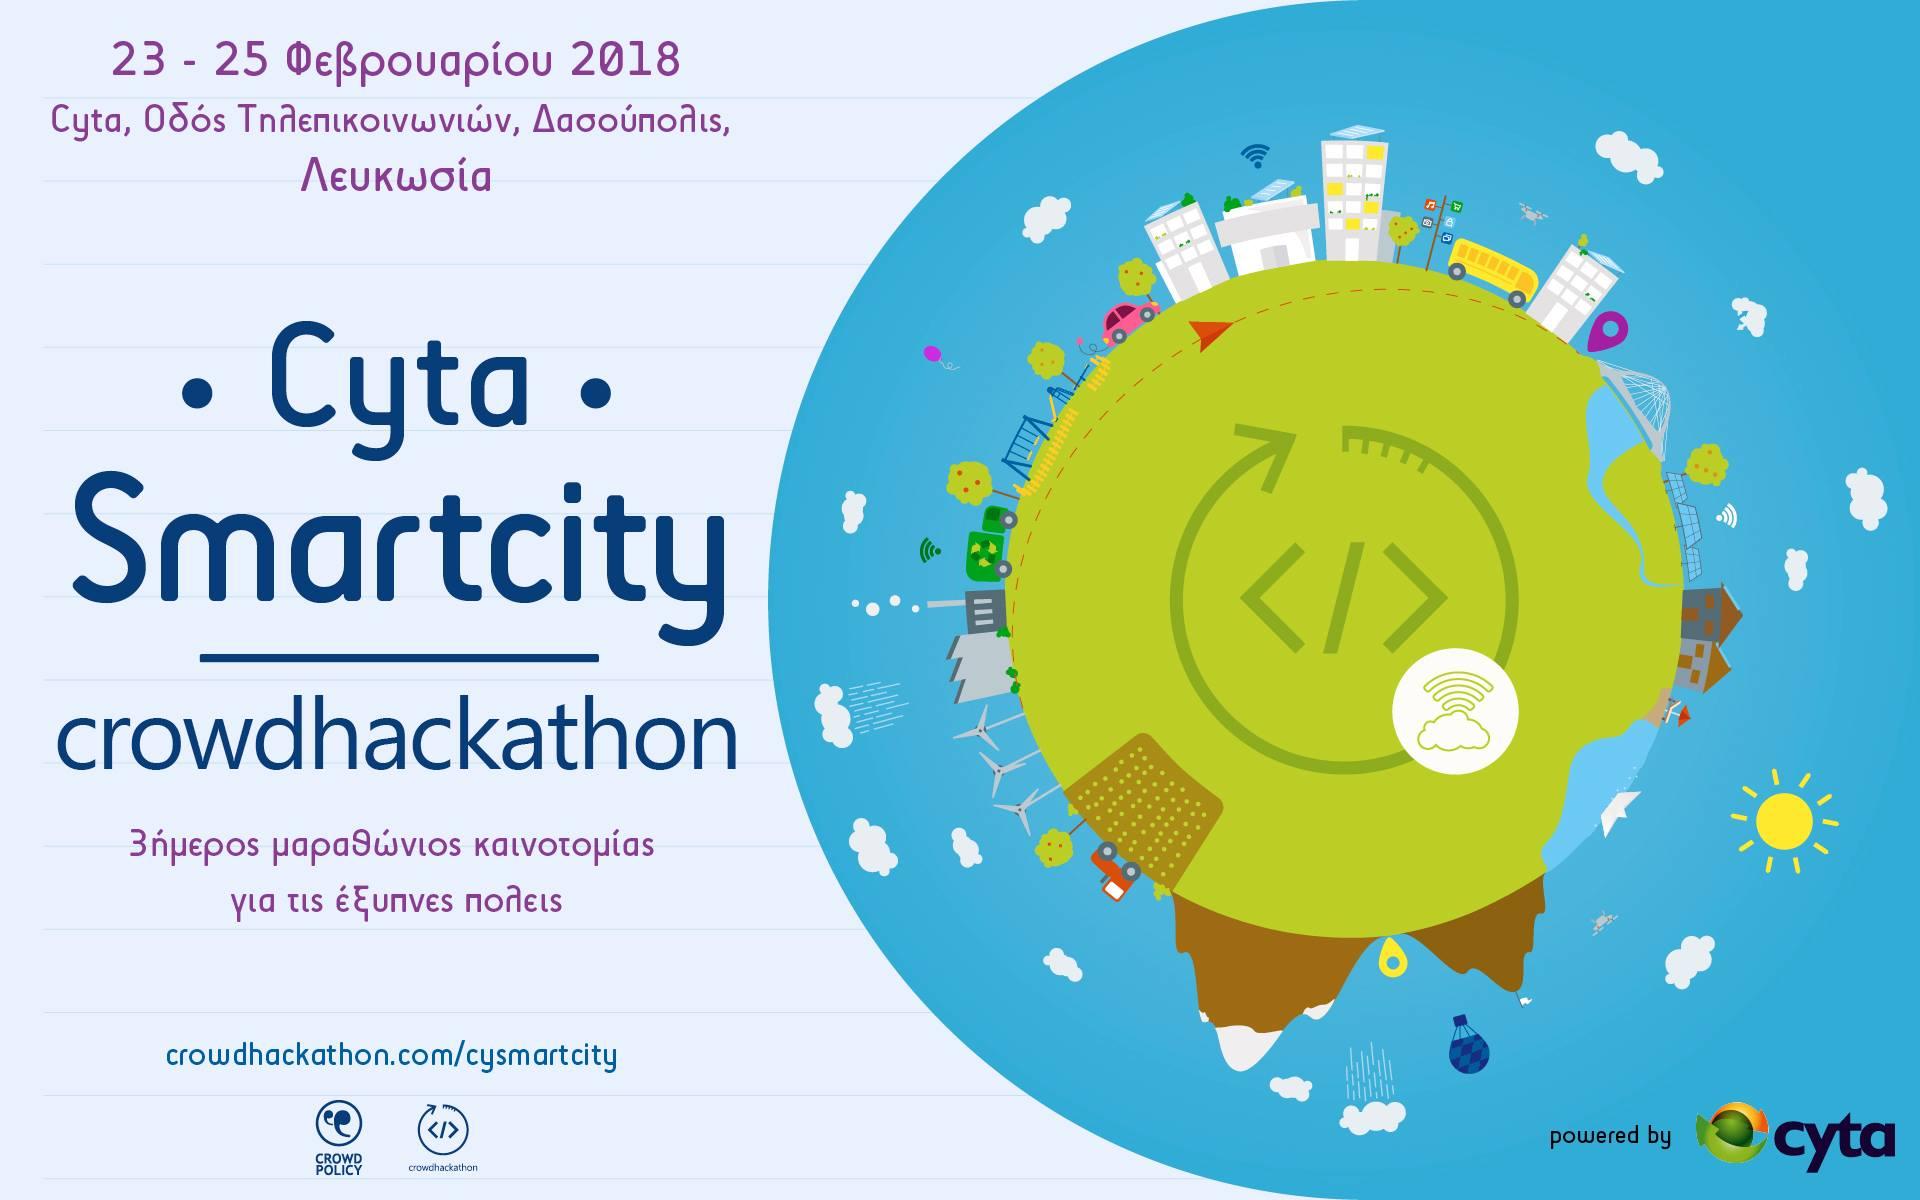 cyta smartcity crowdhackathon cyprus cyprusinno